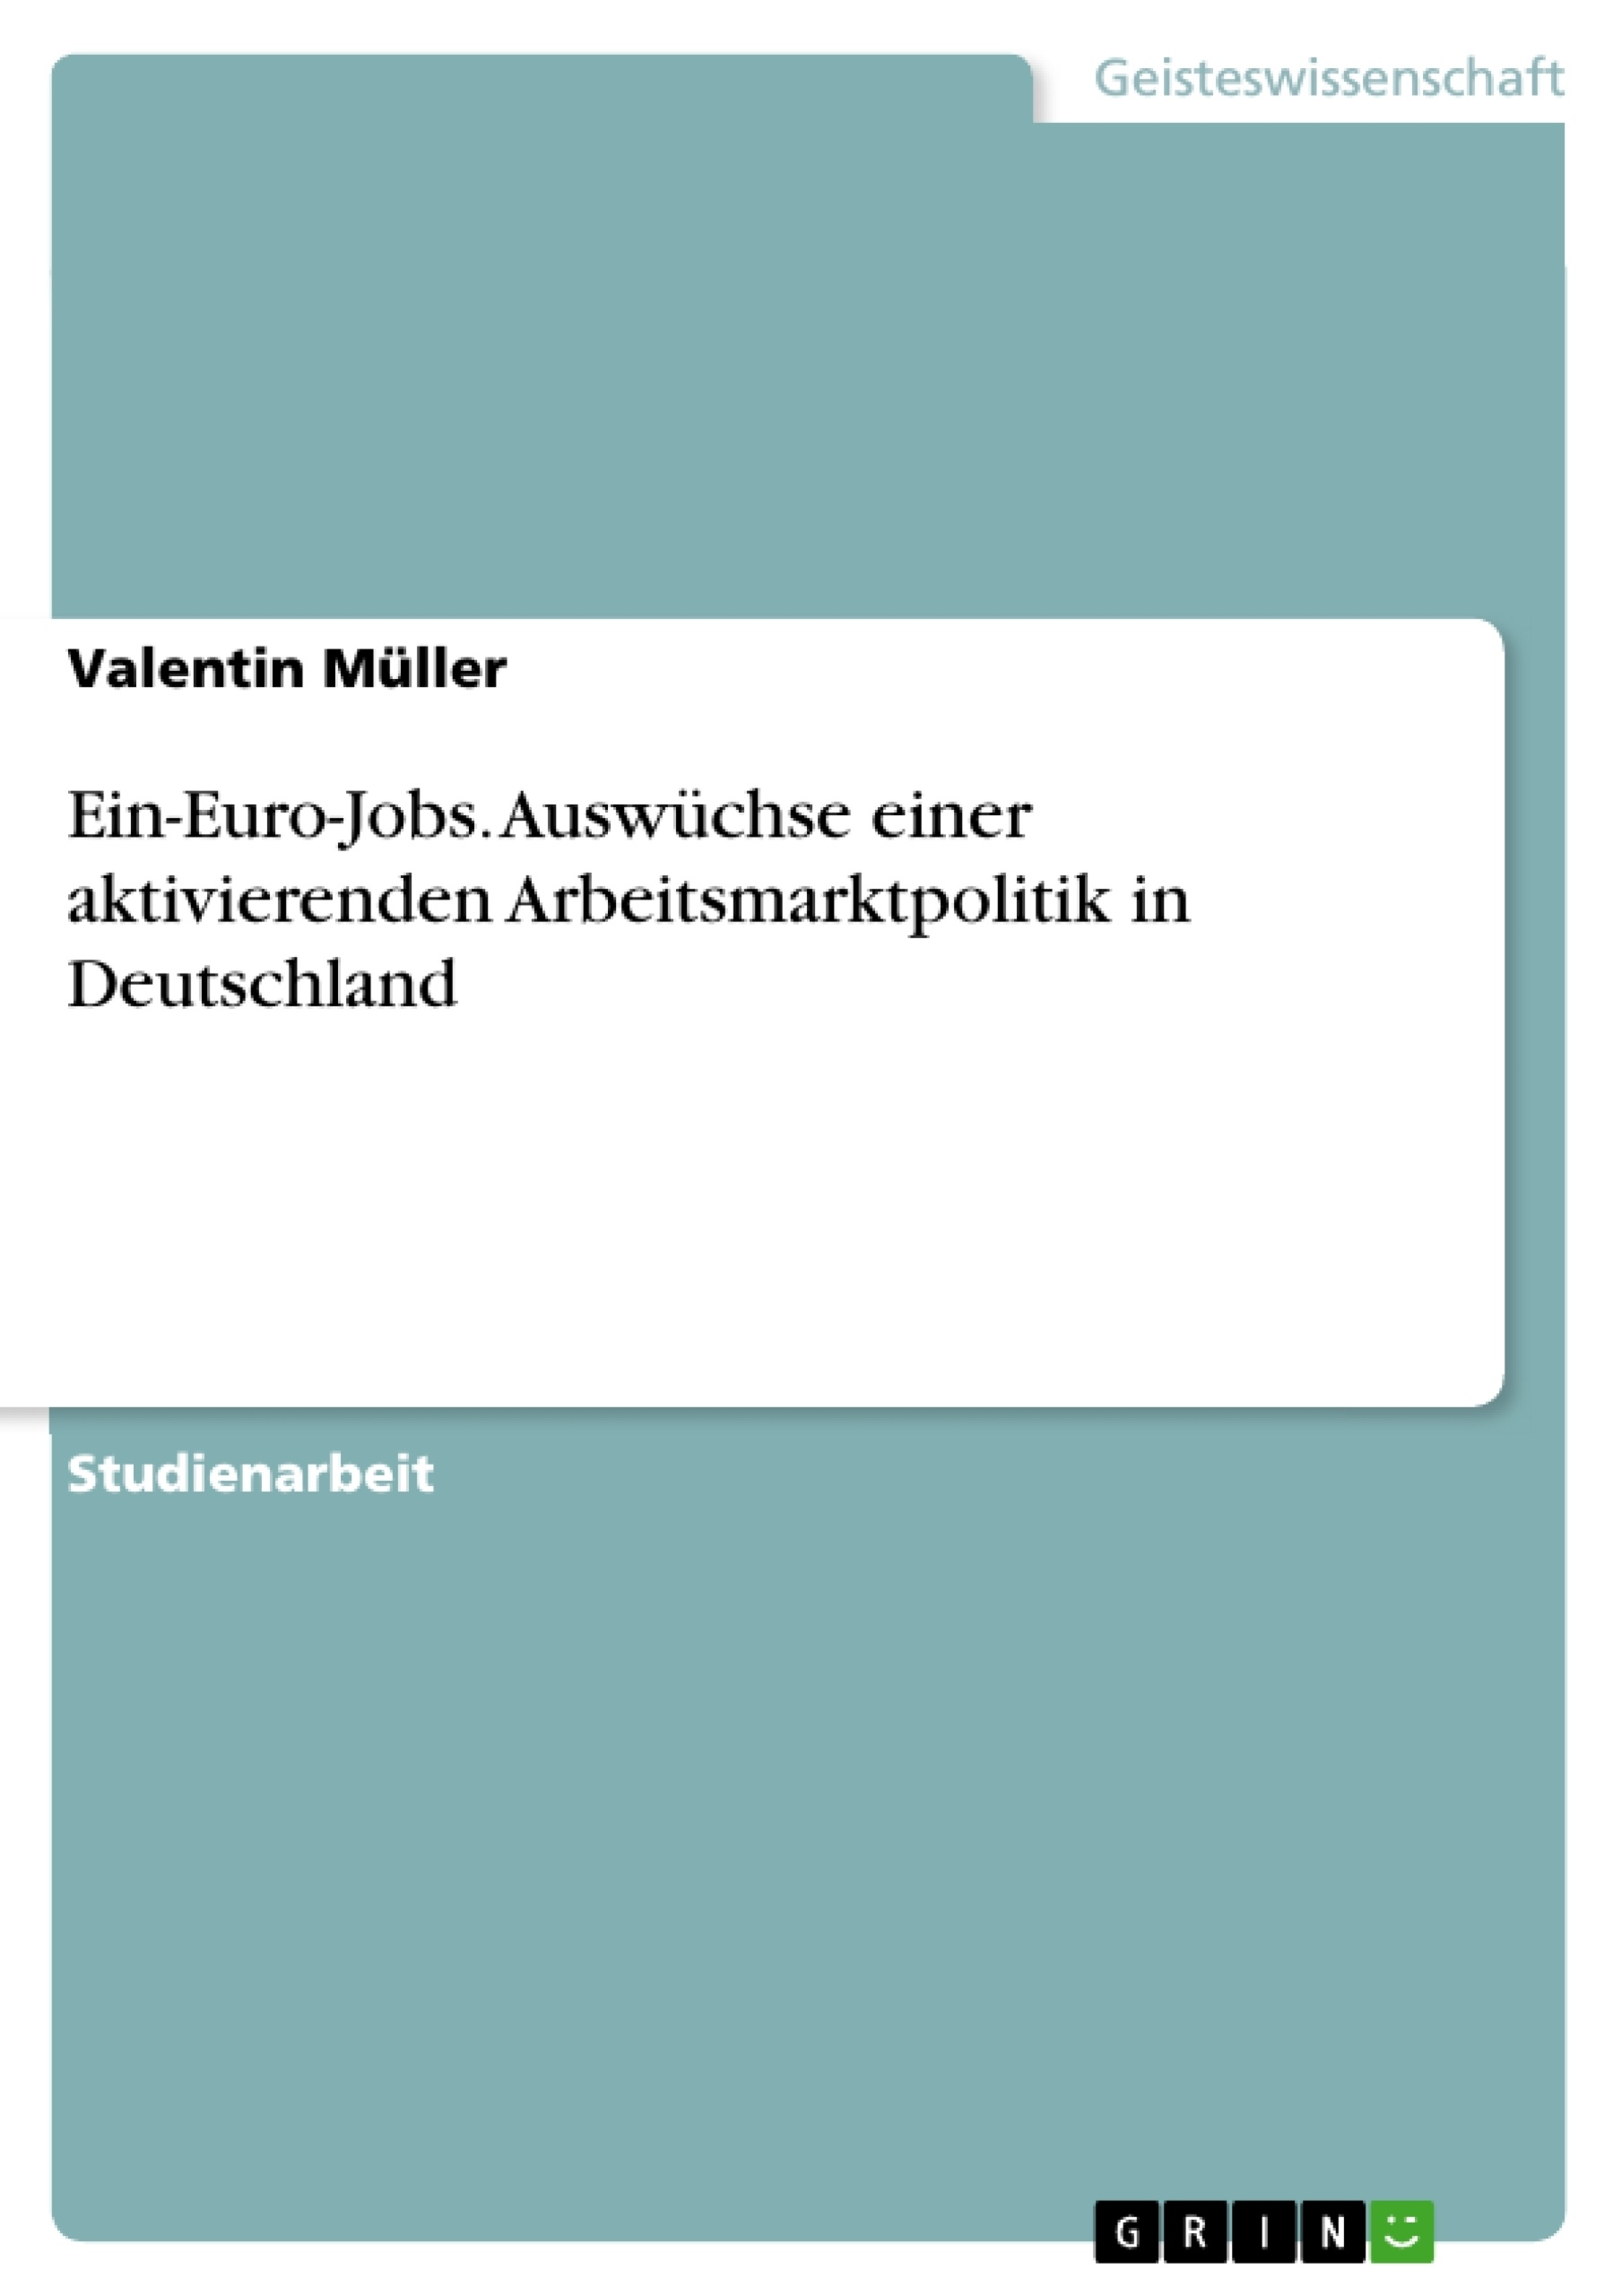 Titel: Ein-Euro-Jobs. Auswüchse einer aktivierenden Arbeitsmarktpolitik in Deutschland